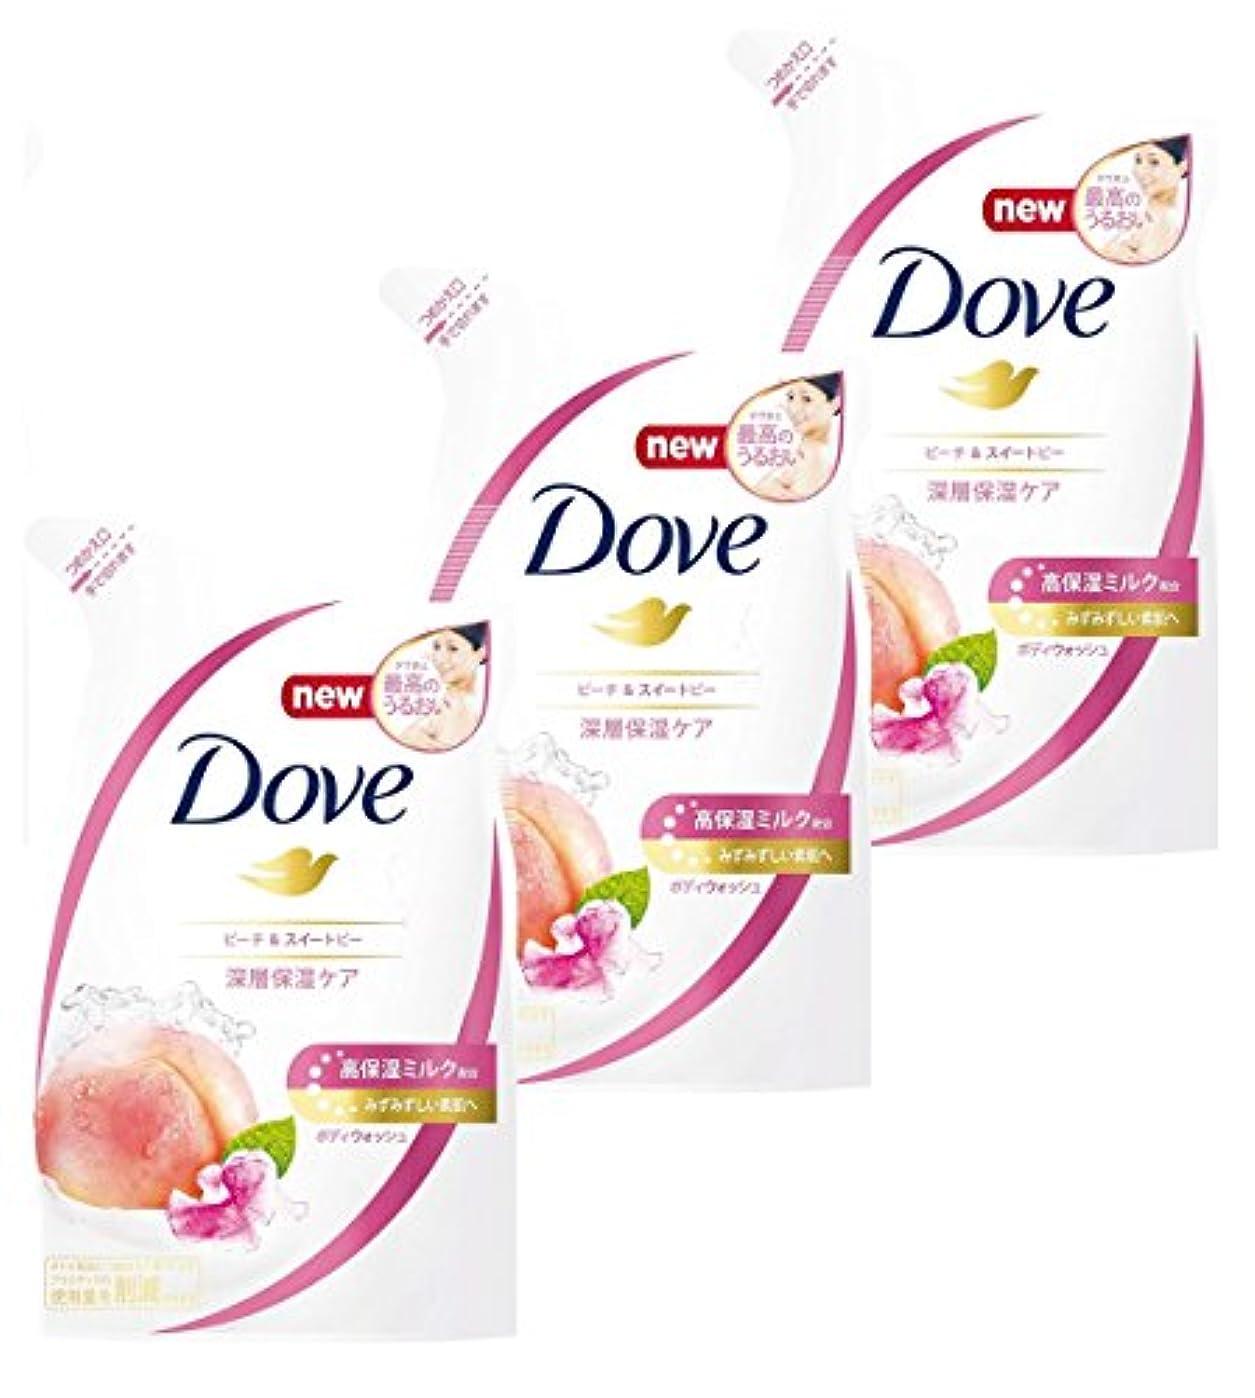 分解する司教肘掛け椅子【まとめ買い】Dove(ダヴ) ボディウォッシュ ピーチ & スイートピー つめかえ用 360g×3個